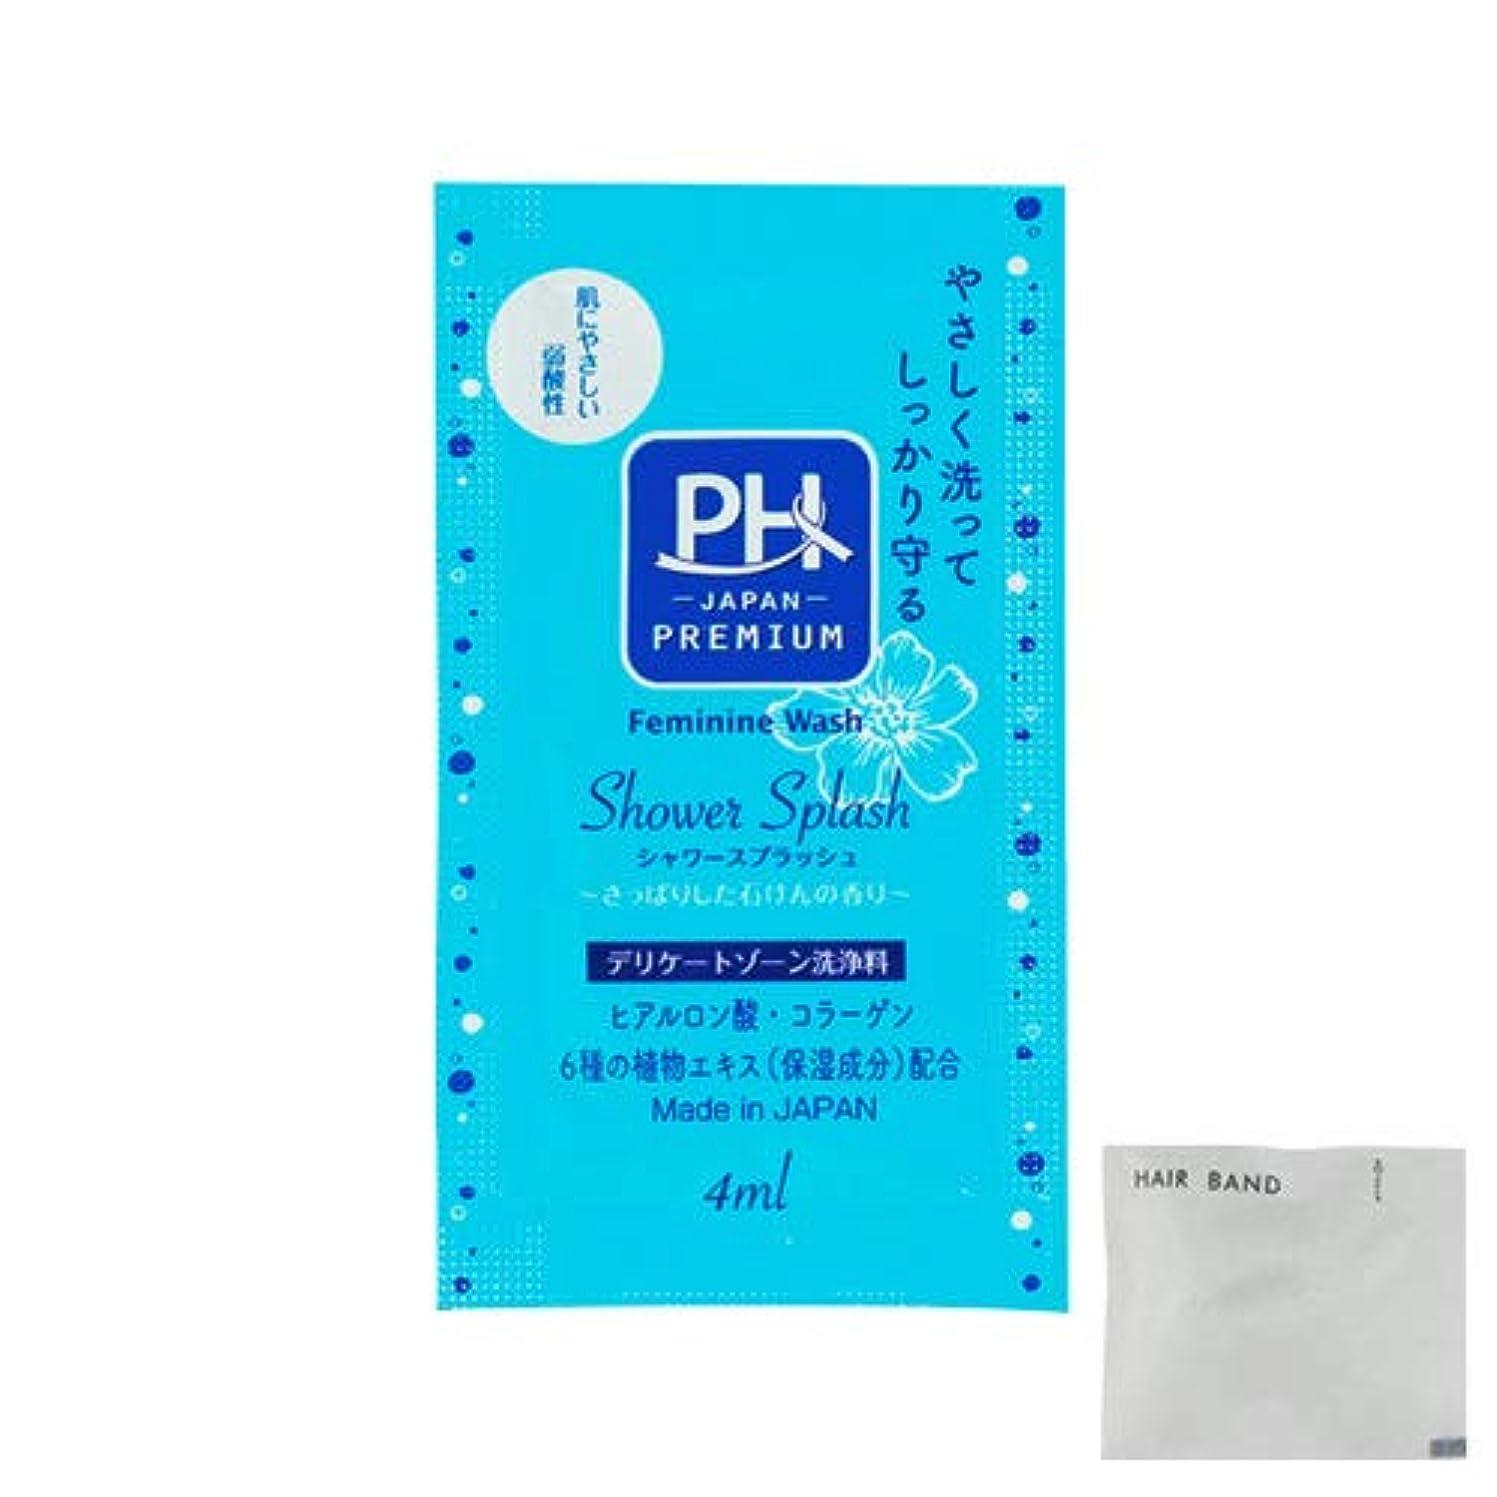 雰囲気アブストラクト前進PH JAPAN プレミアム フェミニンウォッシュ シャワースプラッシュ 4mL(お試し用)×200個 + ヘアゴム(カラーはおまかせ)セット